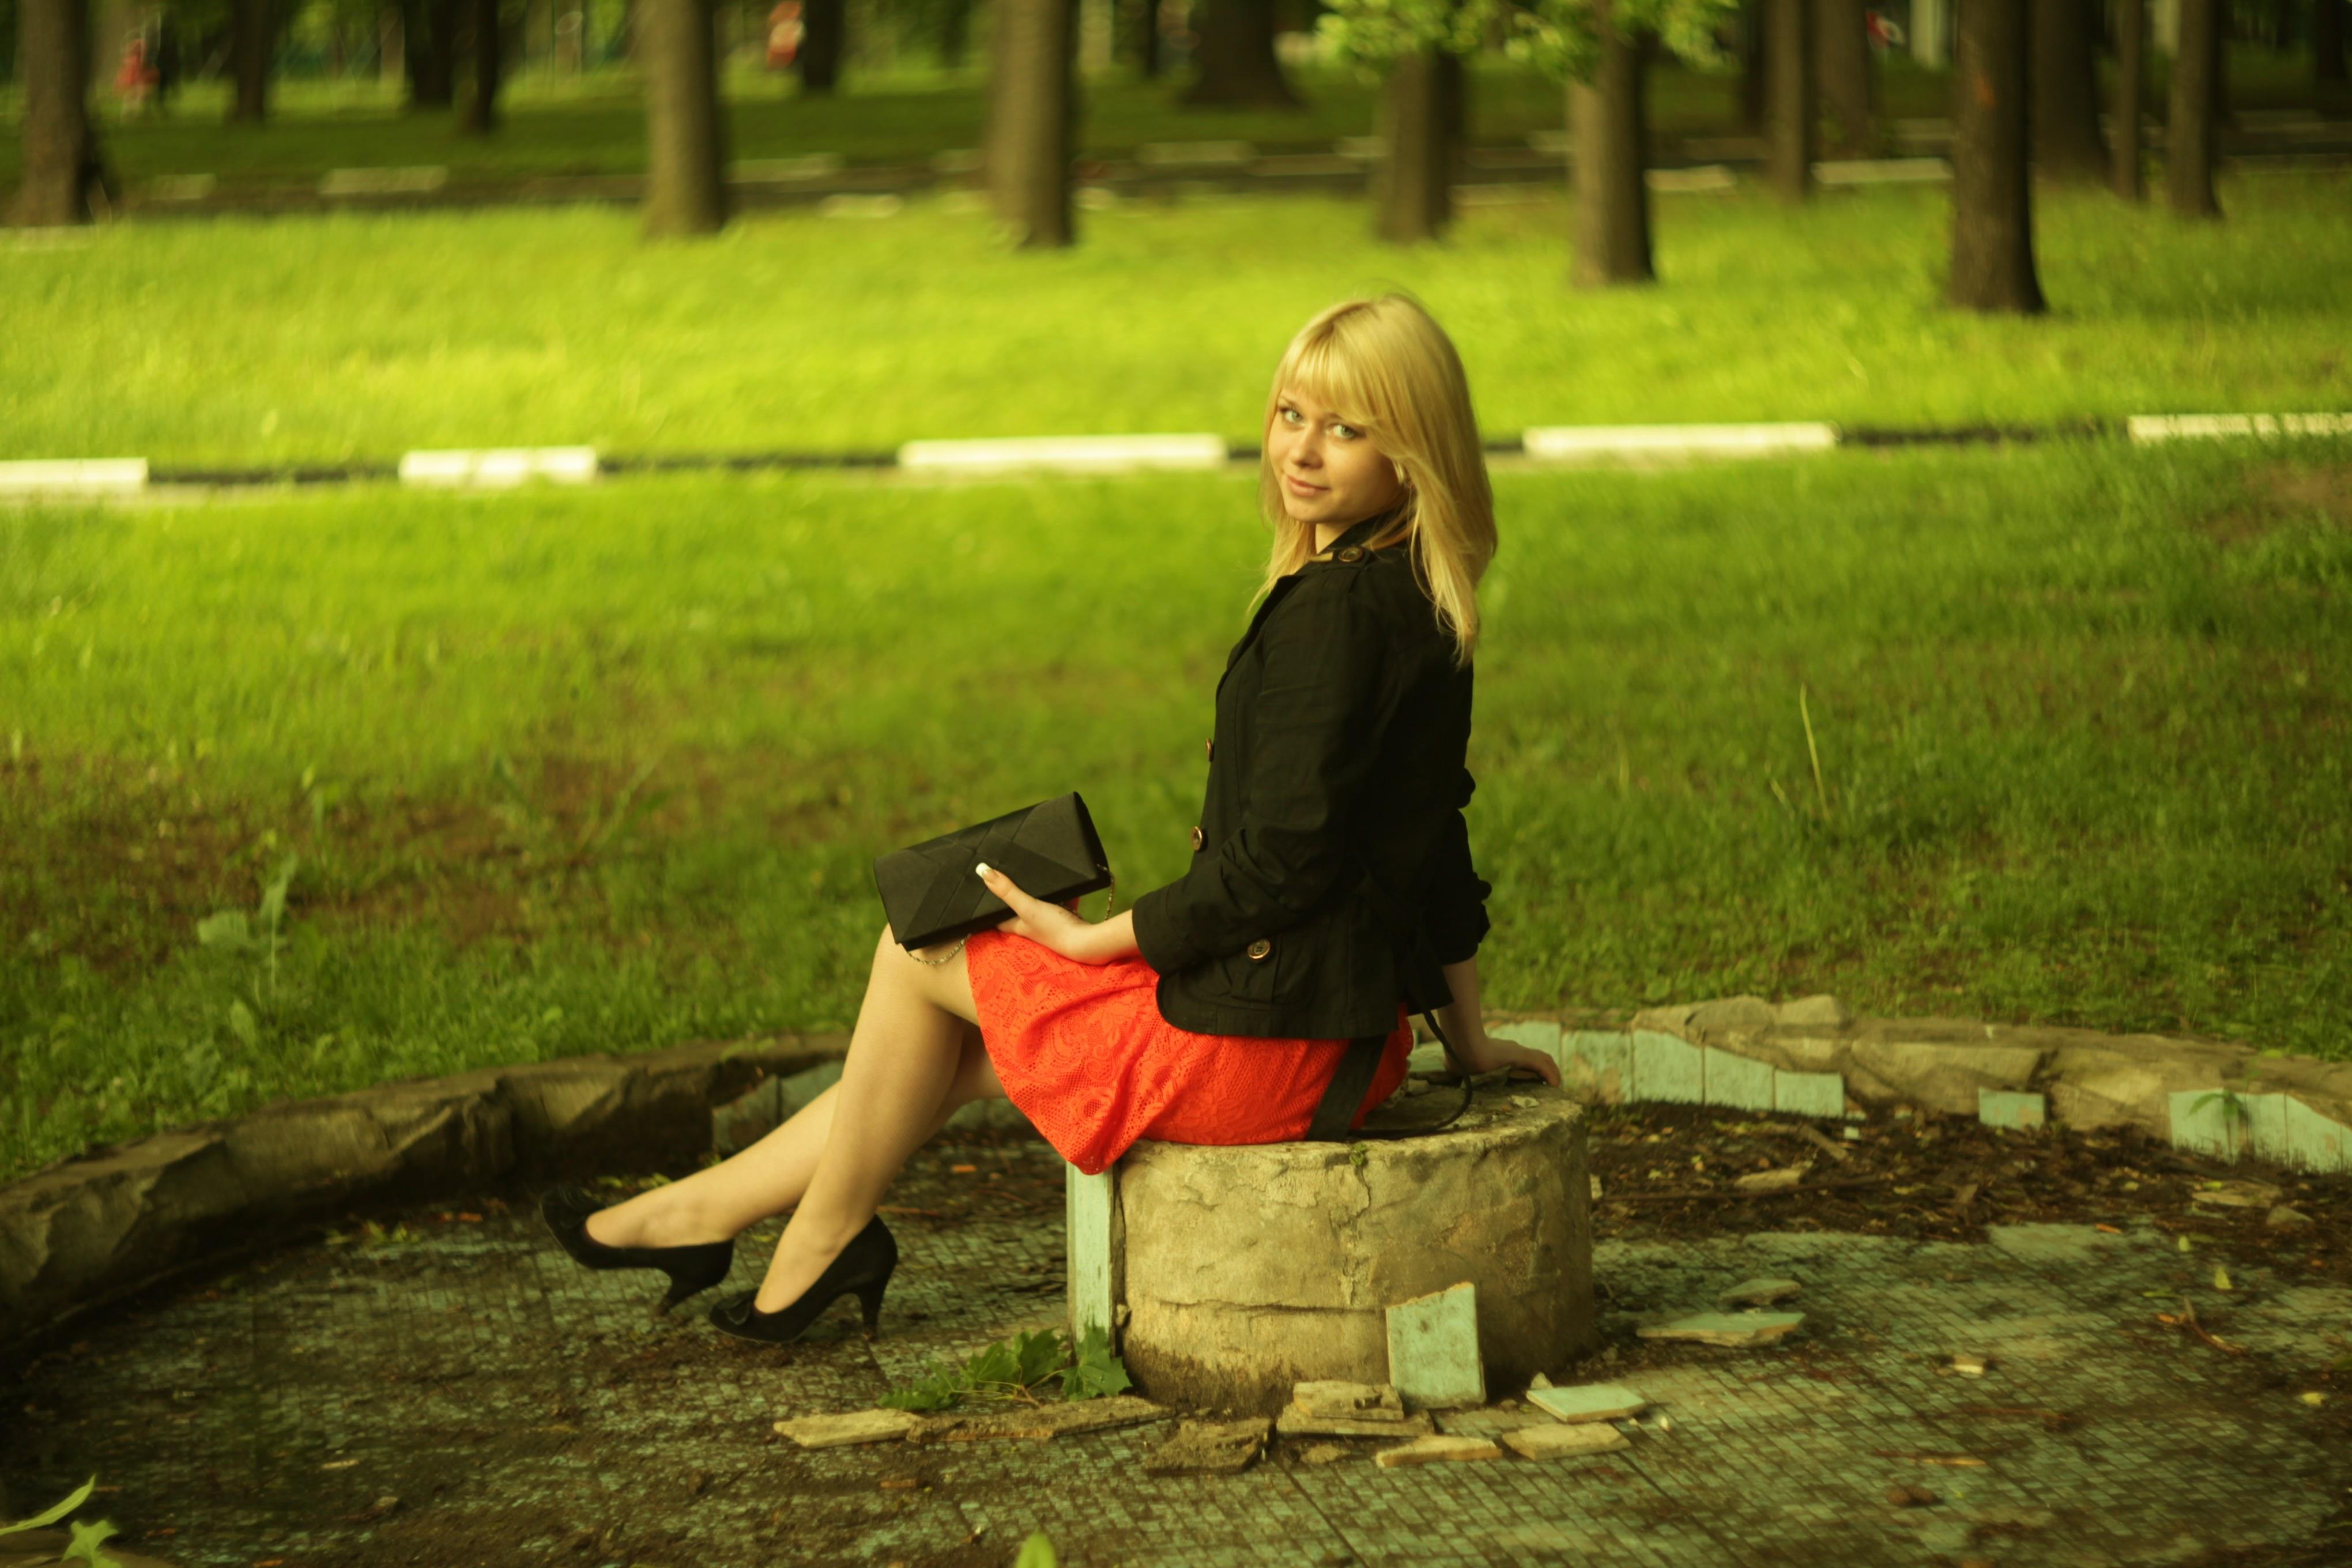 Фото девочка в юбке на корточках, Дамы на корточках без трусиков 15 фотография